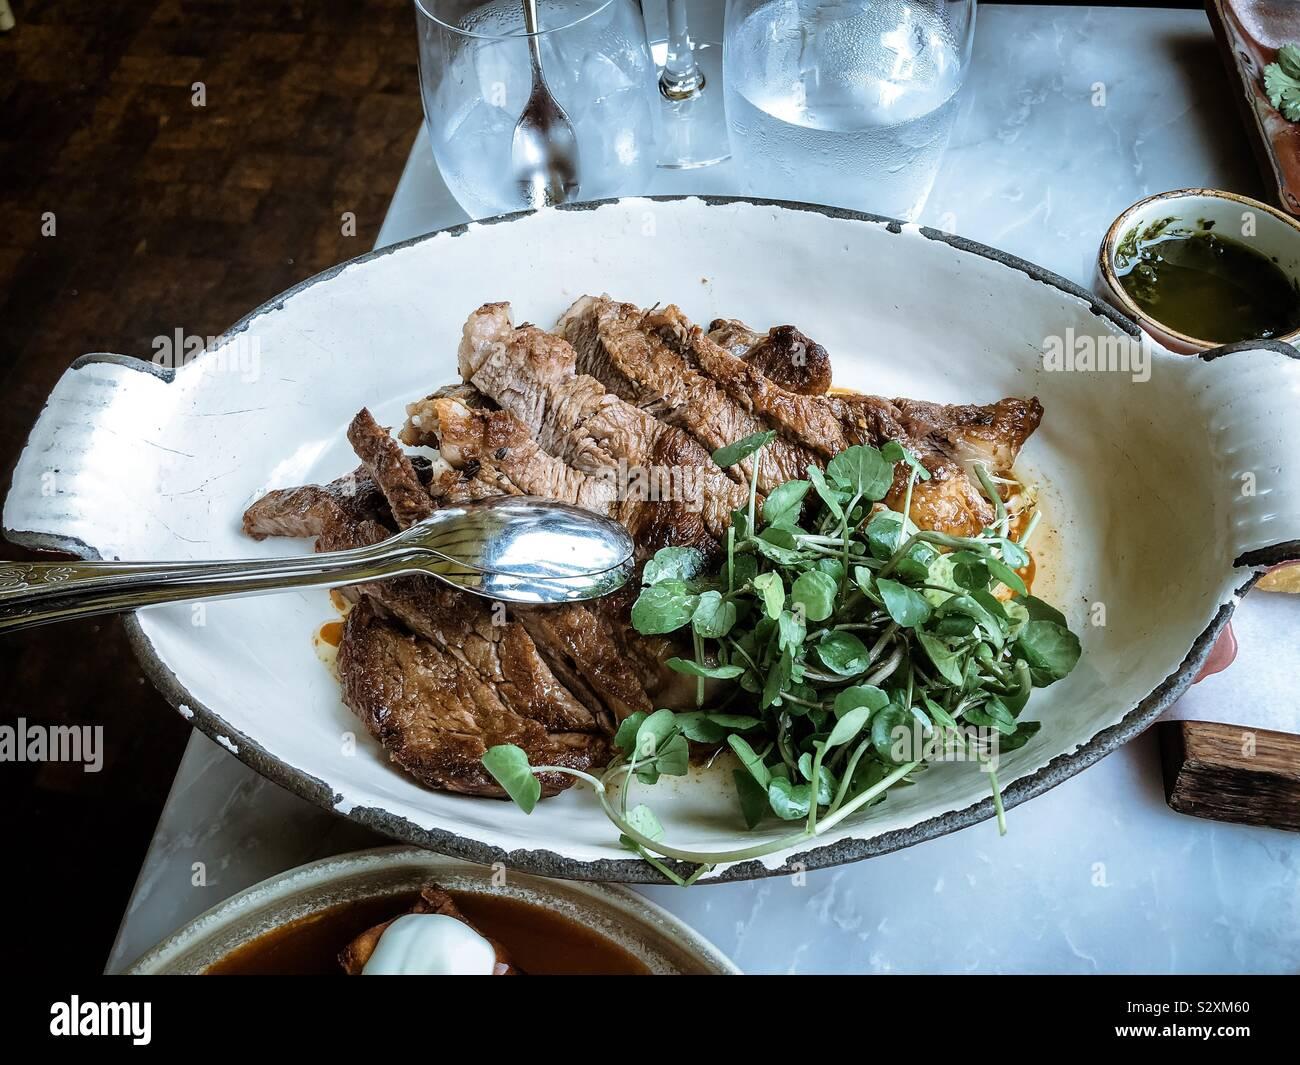 Ribeye Steak de canard au repas d'anniversaire et gaufres Banque D'Images